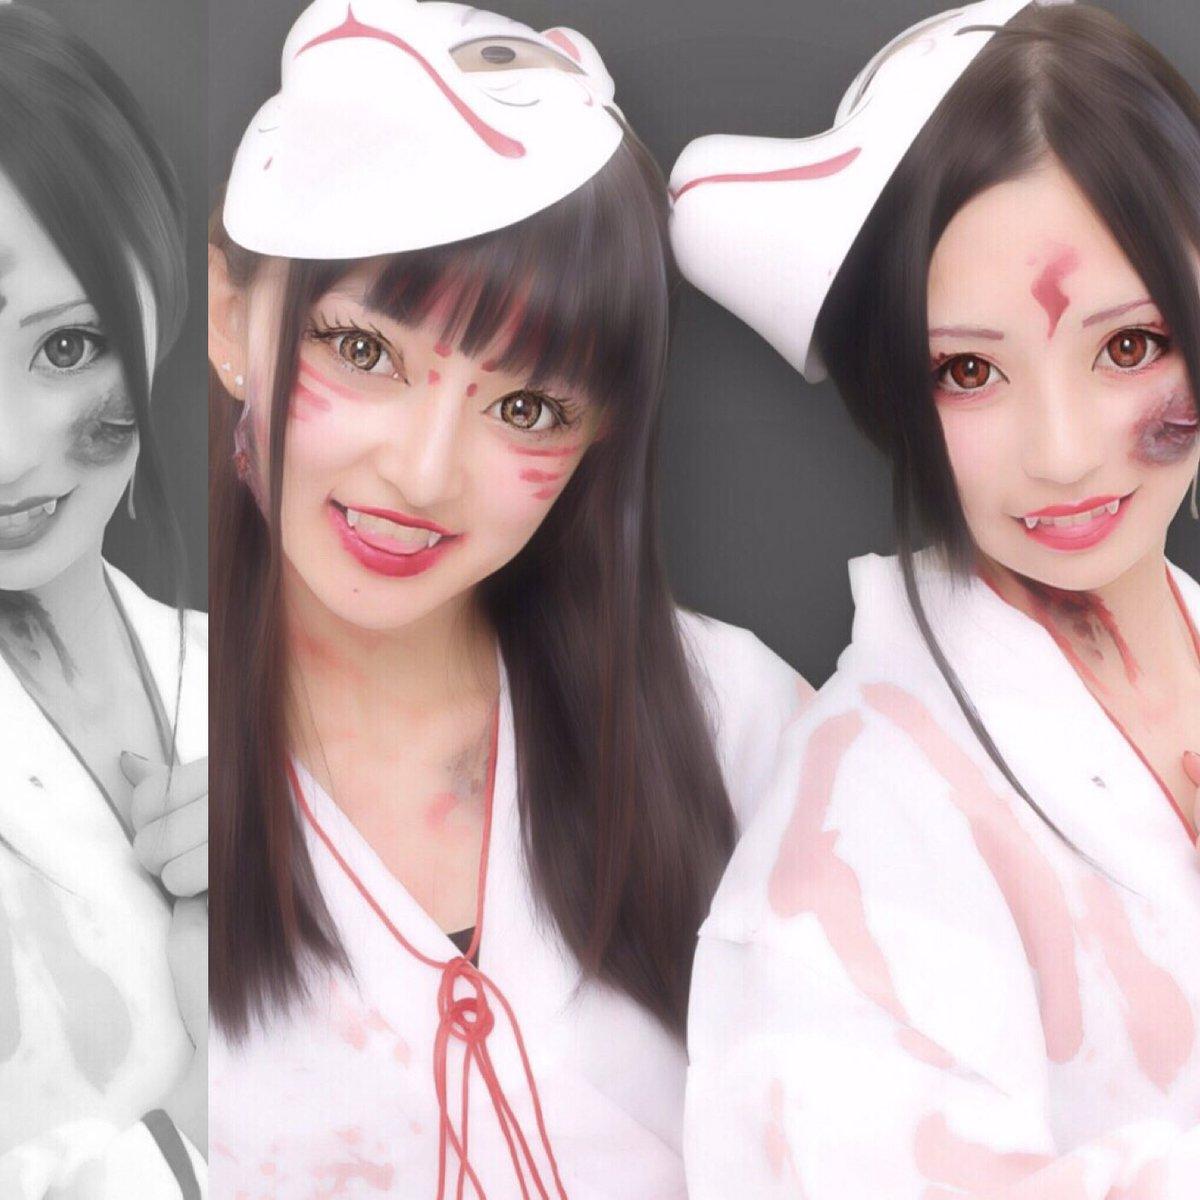 ハロウィン渋谷でオフパコするエロコスプレ少女エロ画像8枚目